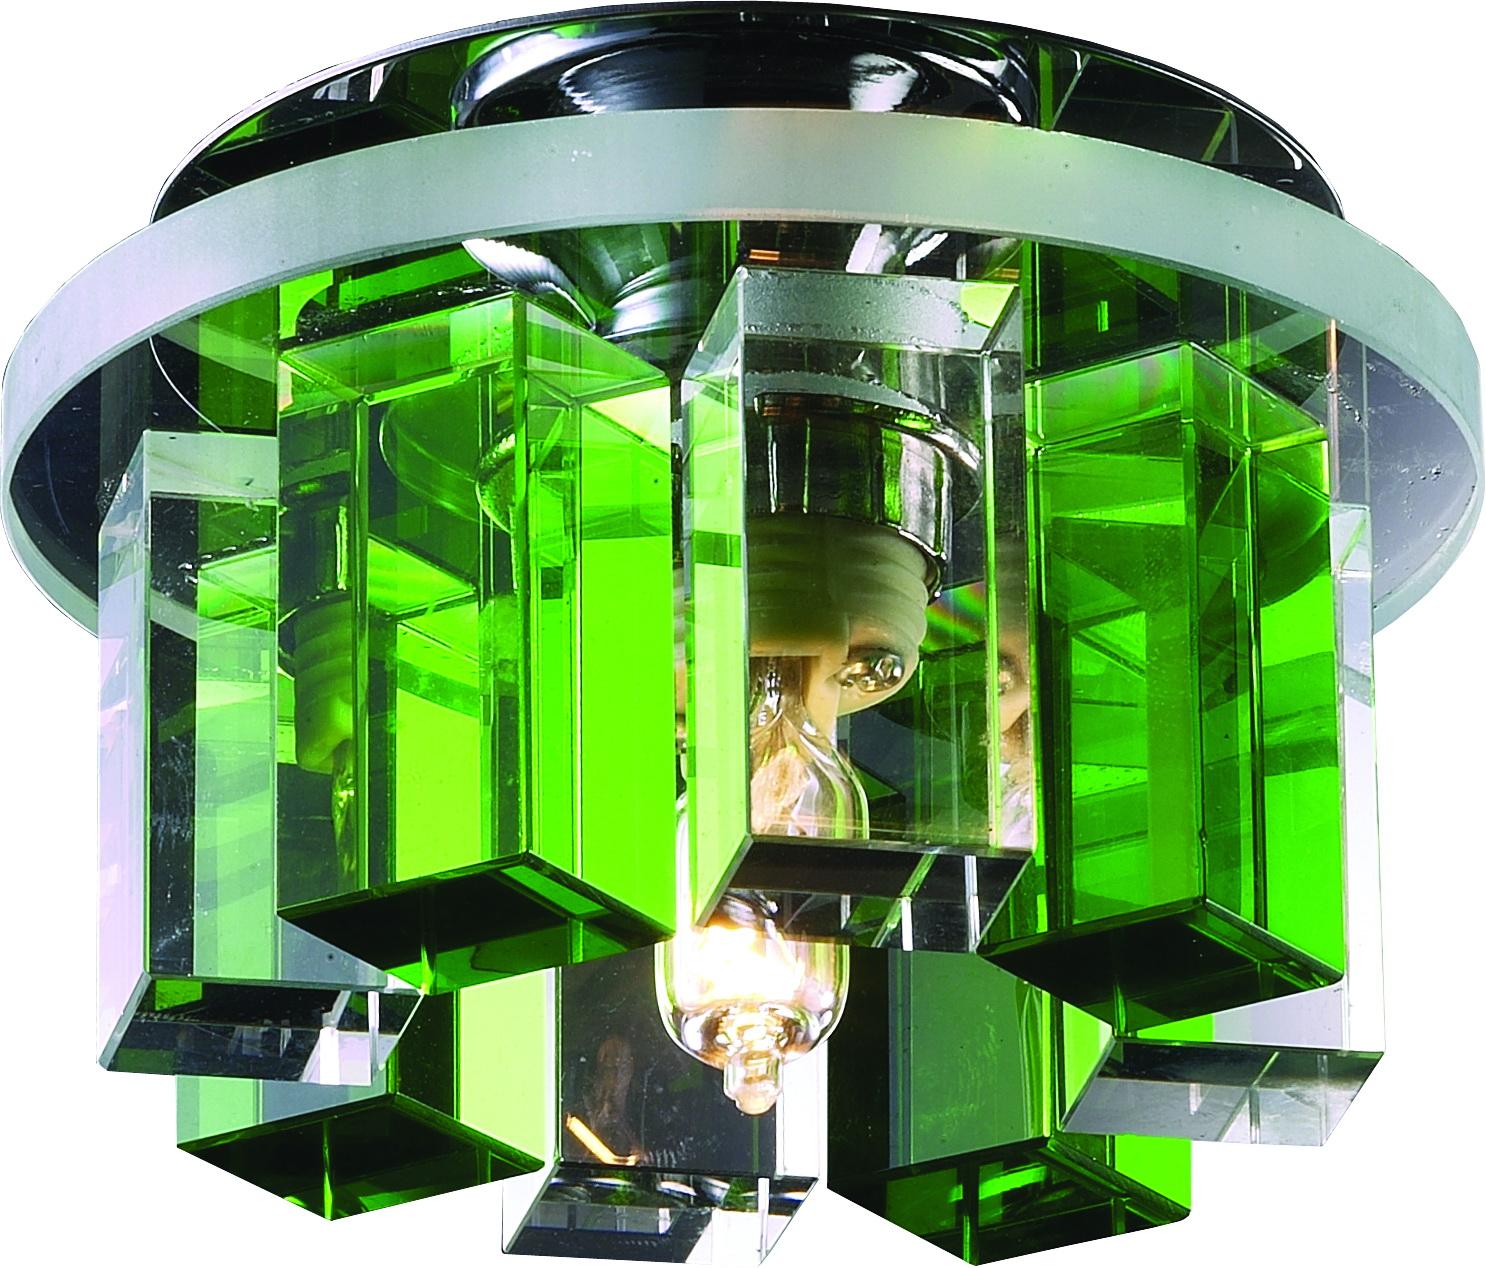 Светильник встраиваемый Novotech Caramel 3 nt09 105 369357 novotech лампа галогенная novotech 456006 gu5 3 fltpzcm